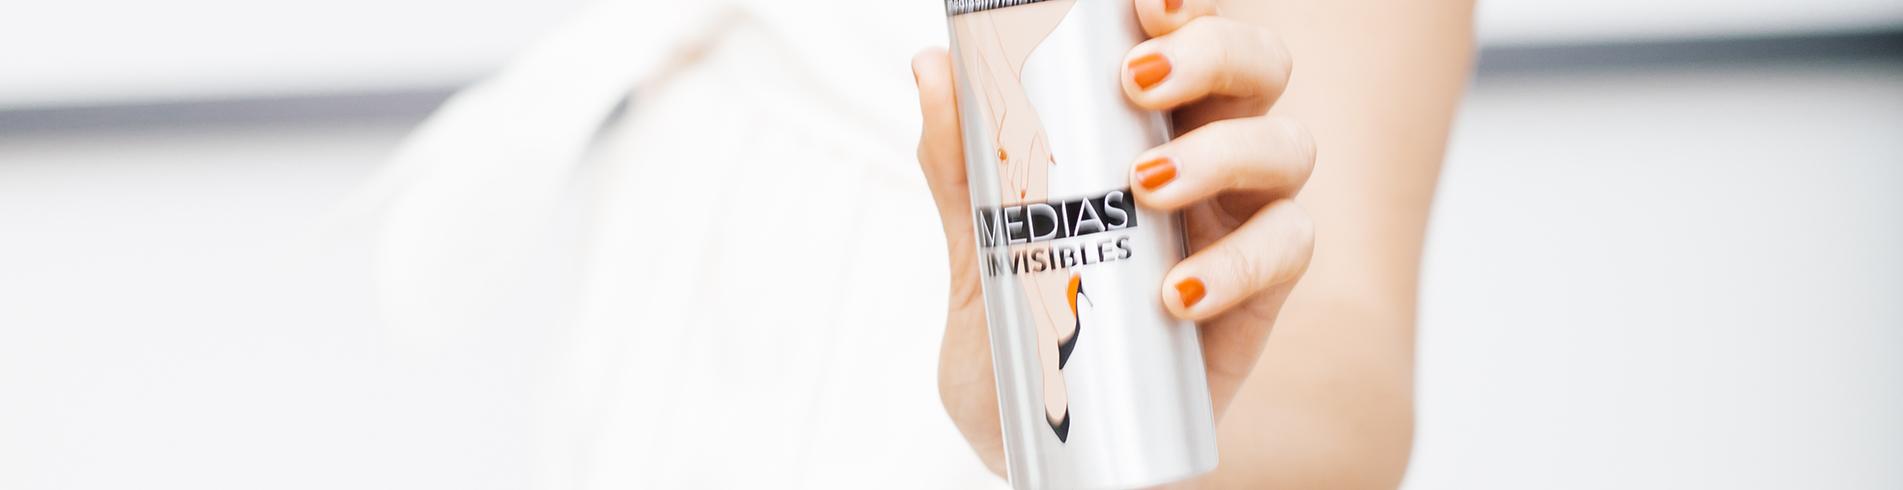 Medias Invisibles Todo Sobre El Maquillaje Para Piernas Blog Ikons